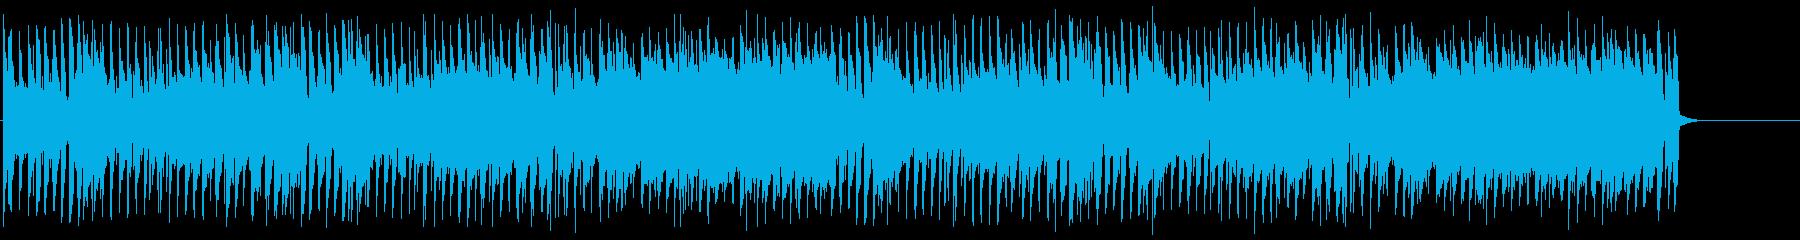 ショッピング ショータイム 情報 店内の再生済みの波形